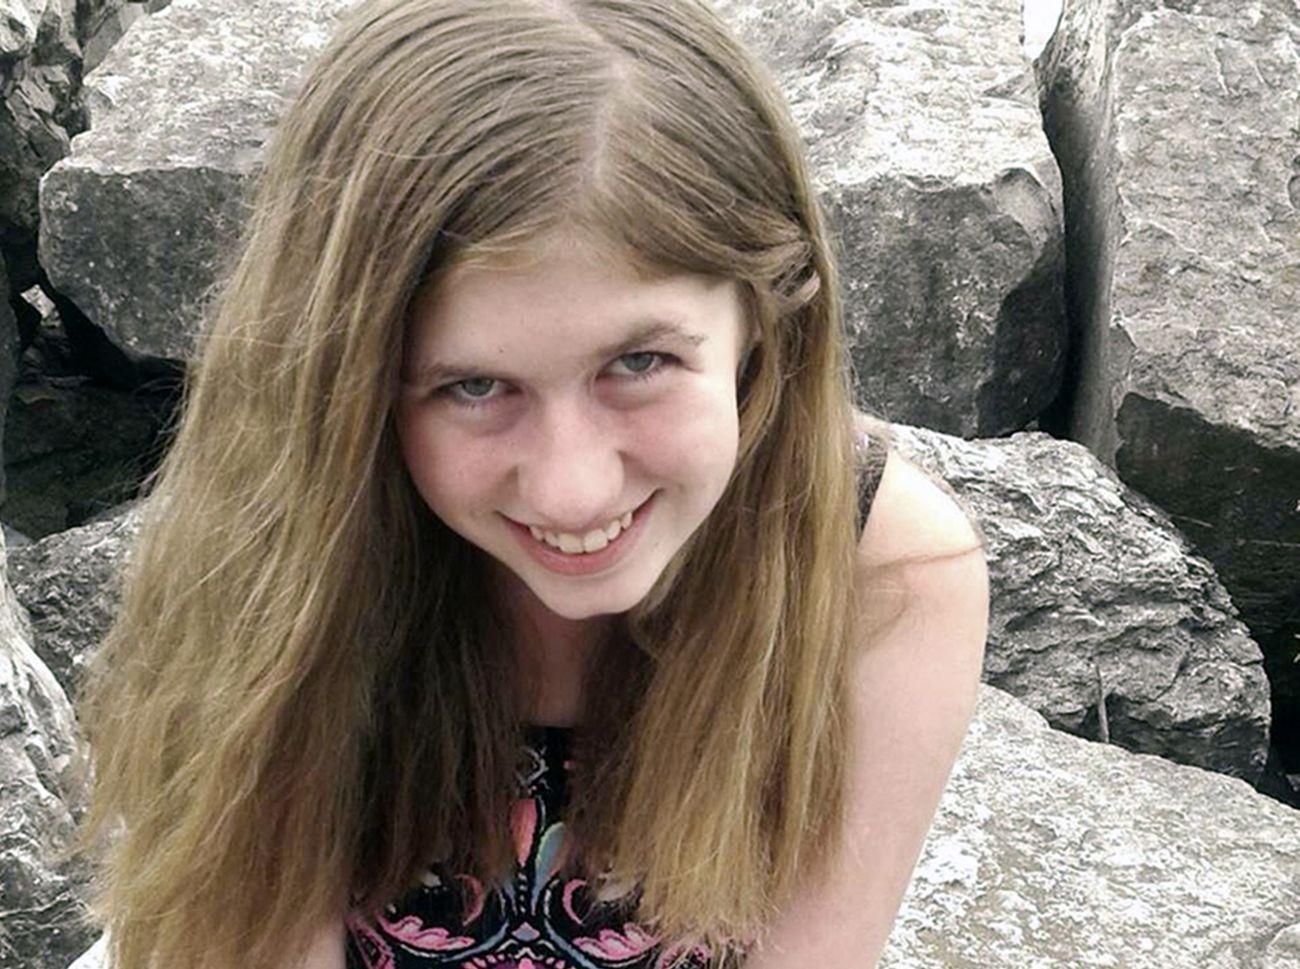 KIDNAPPET: Foreldrene hennes ble drept og Jayme Closs kidnappet i oktober. Nå er hun funnet og en 21 år gammel mann er siktet.